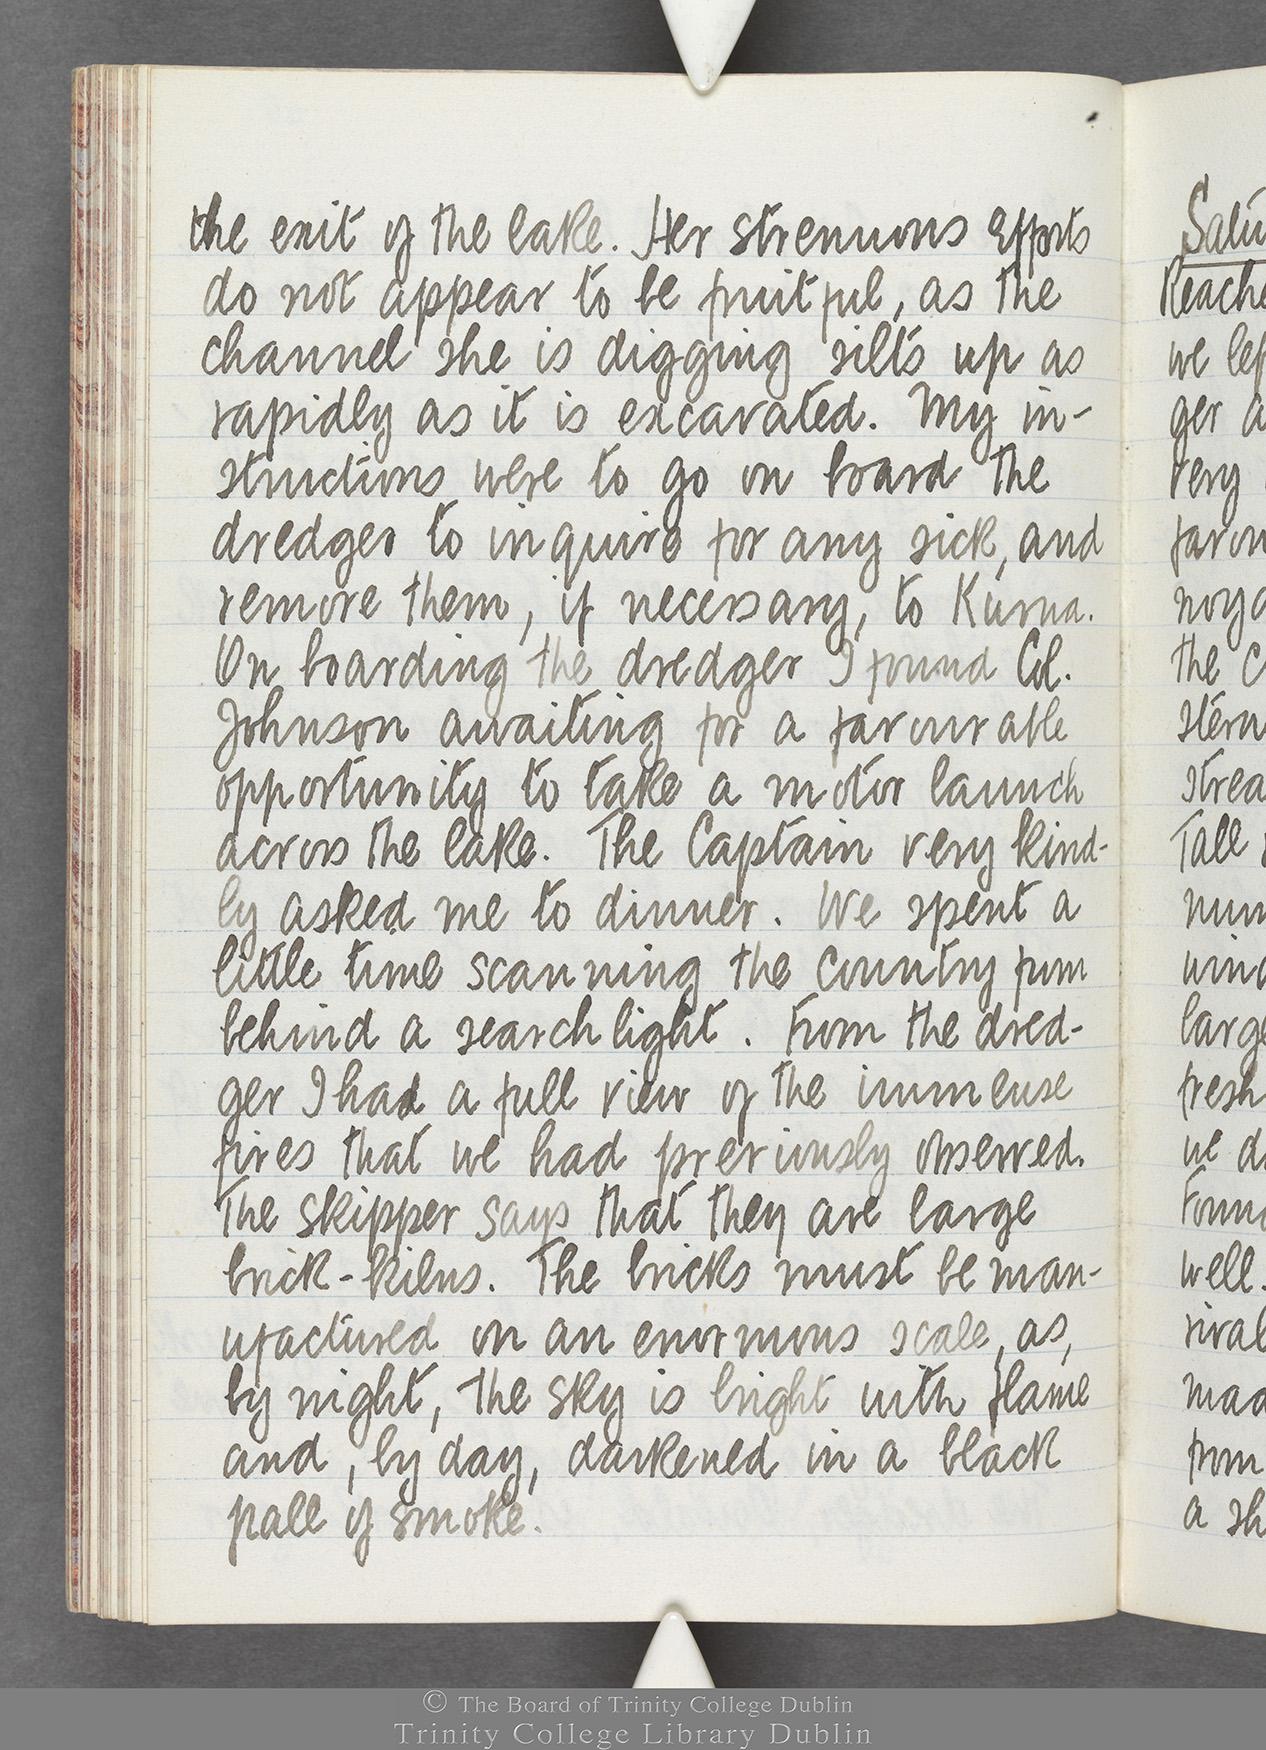 TCD MS 10516 folio 45 verso